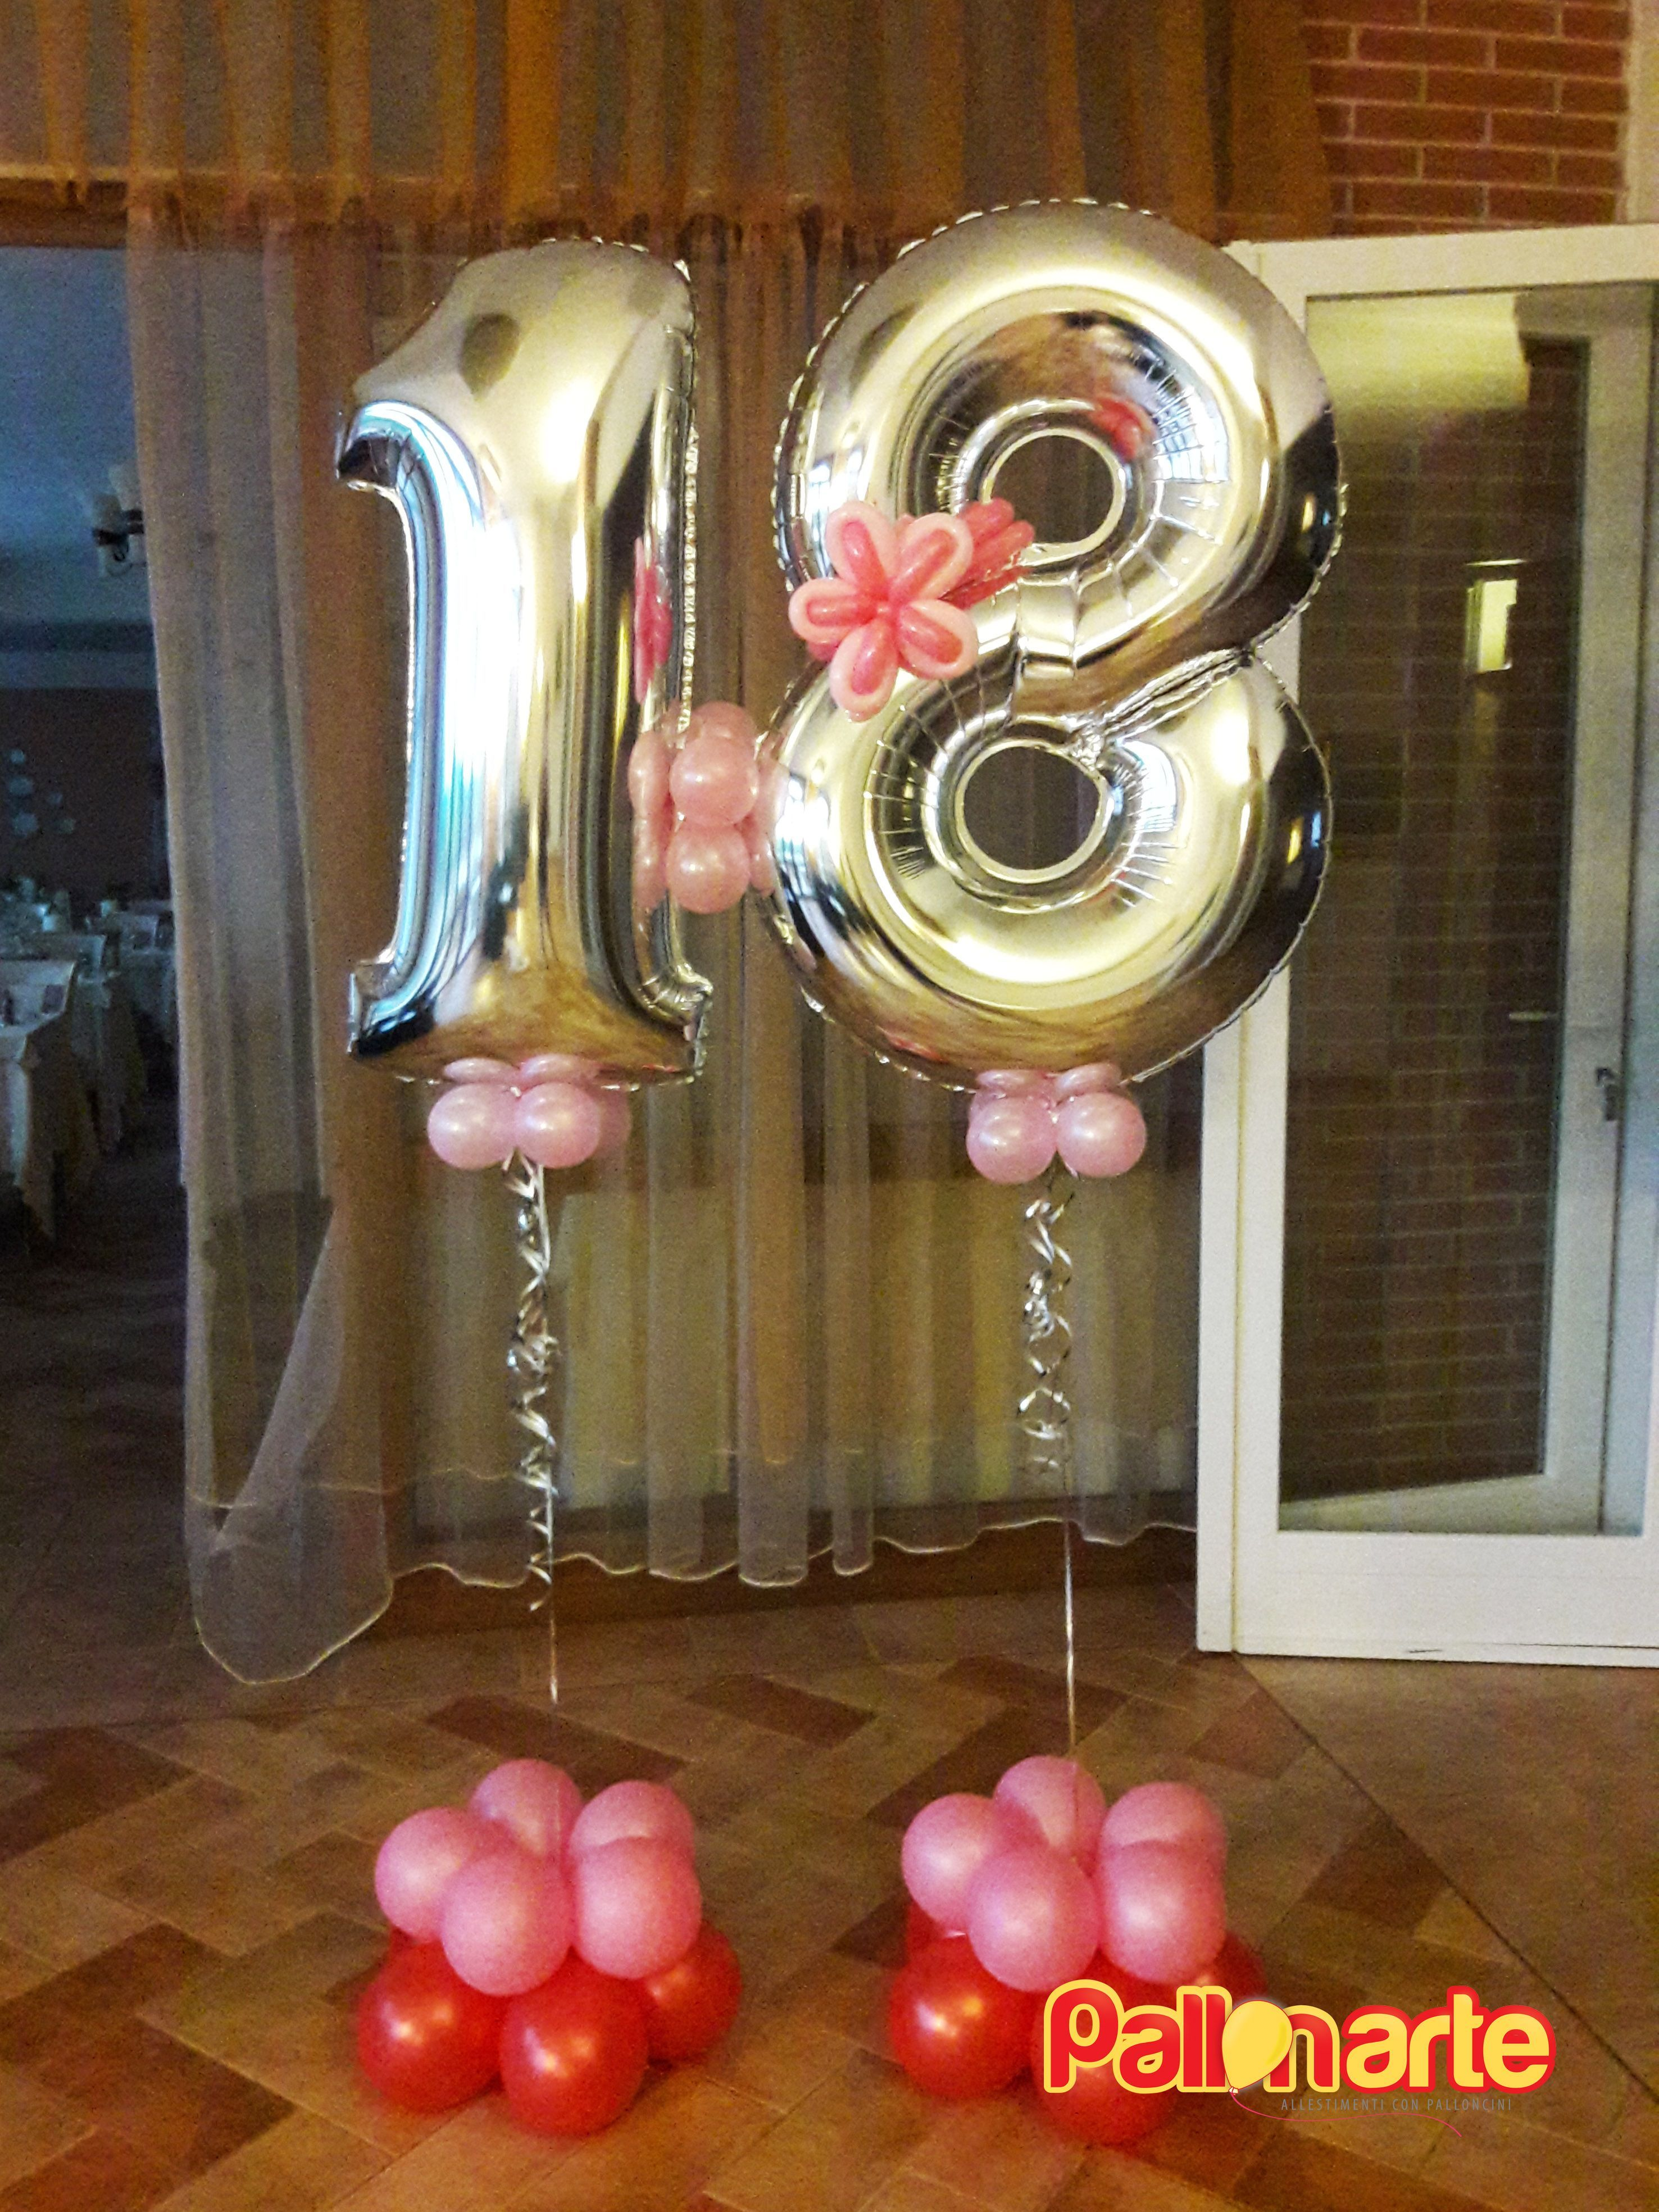 Pin De Michelle Xoxo Em Celebtate Festa De Aniversario Decoracao